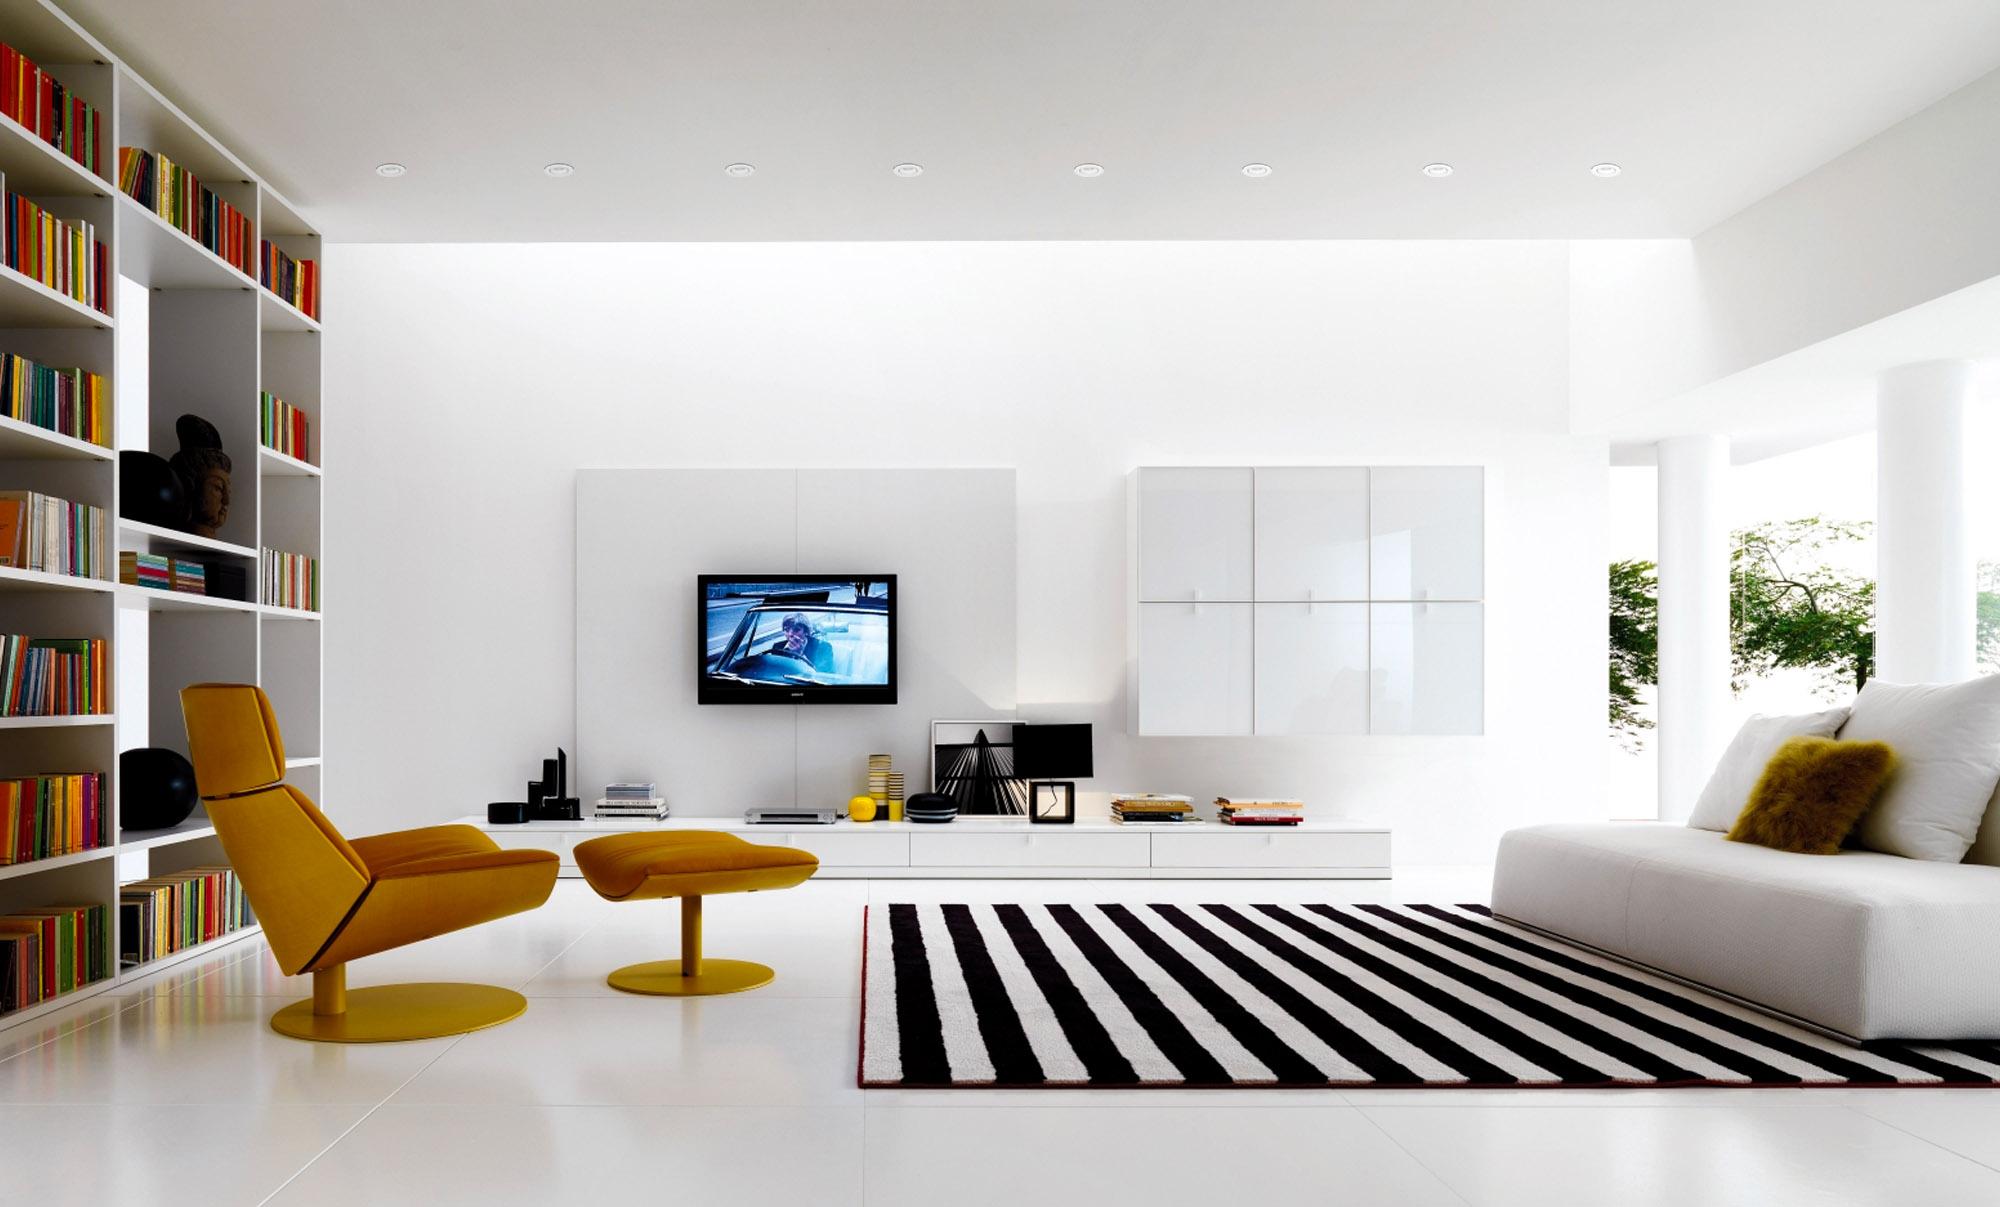 Debes elegir un estilo minimalista